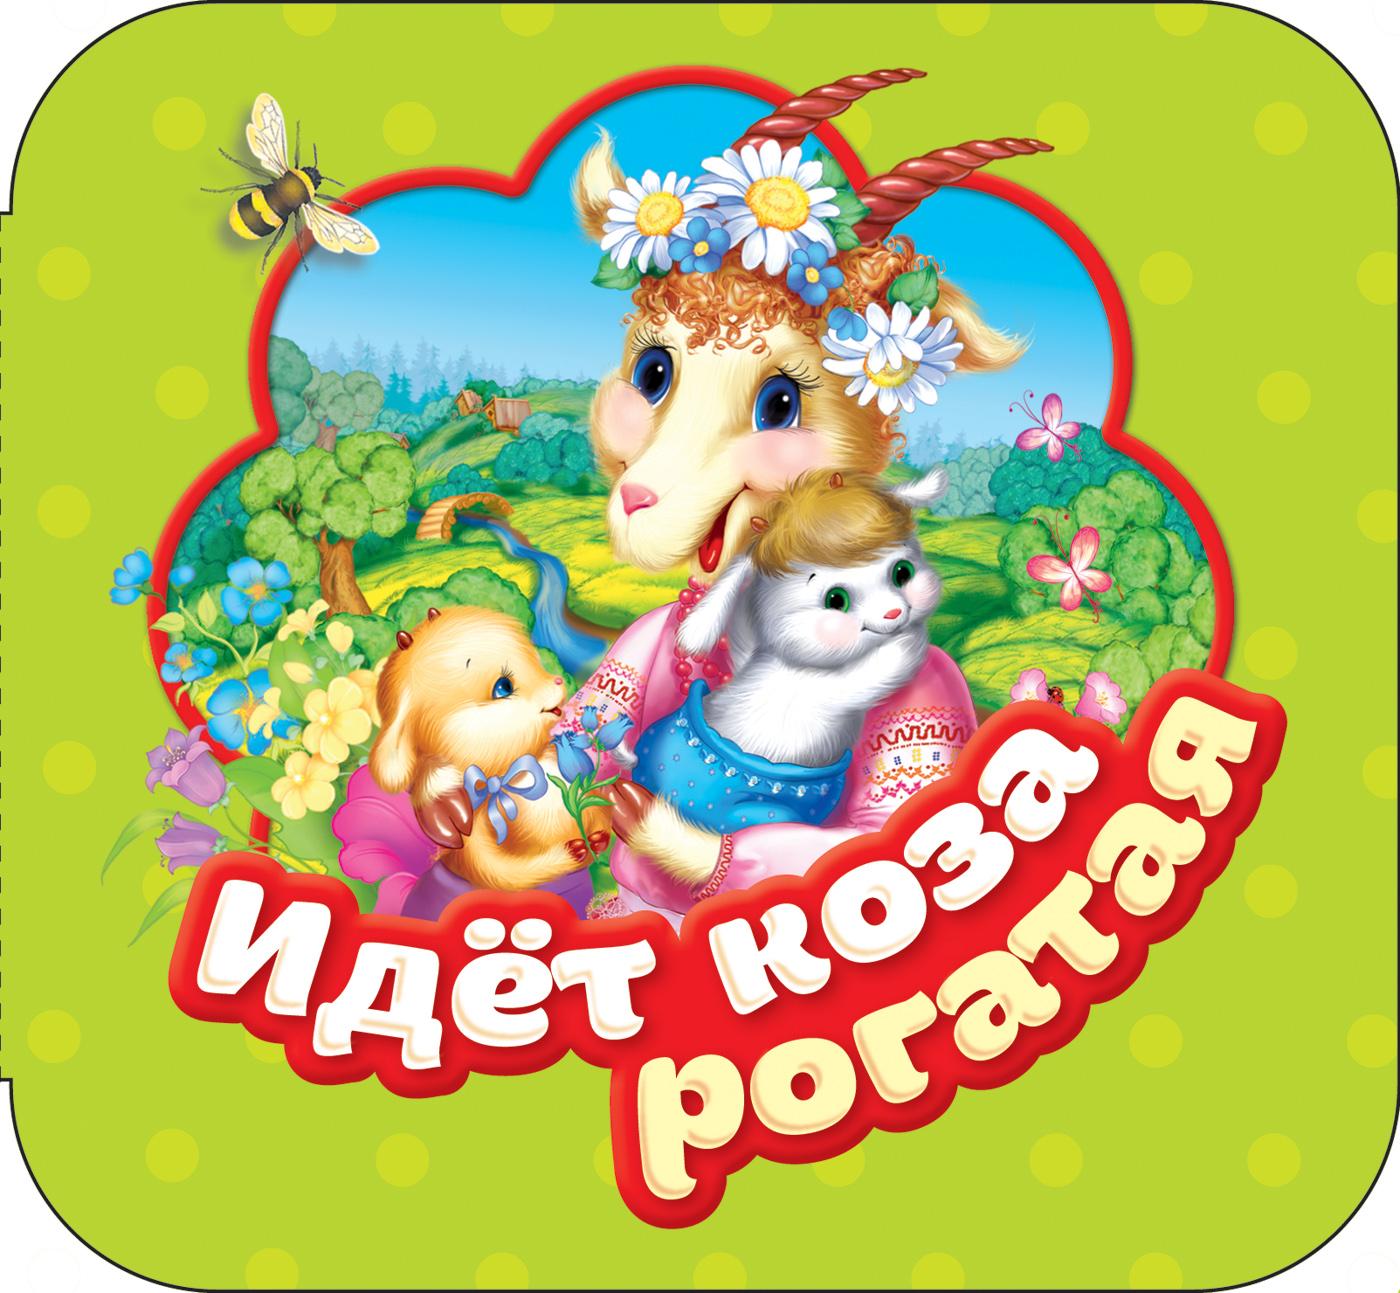 Котятова Н. И. Идет коза рогатая (Гармошки) здорнова е купряшова с худ идет коза рогатая русские народные потешки